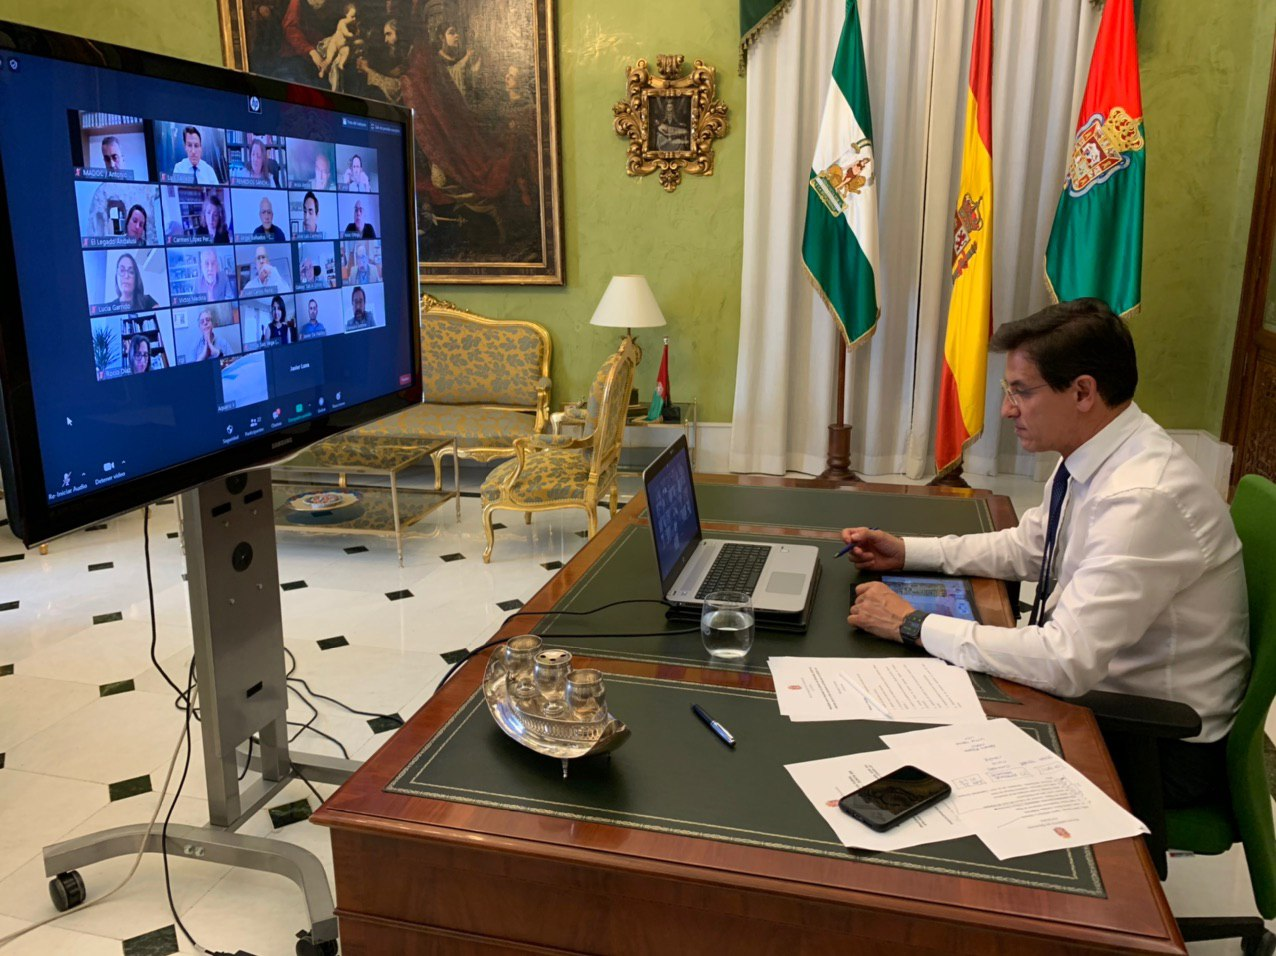 Luis Salvador continúa con el desarrollo de propuestas para la capitalidad cultural